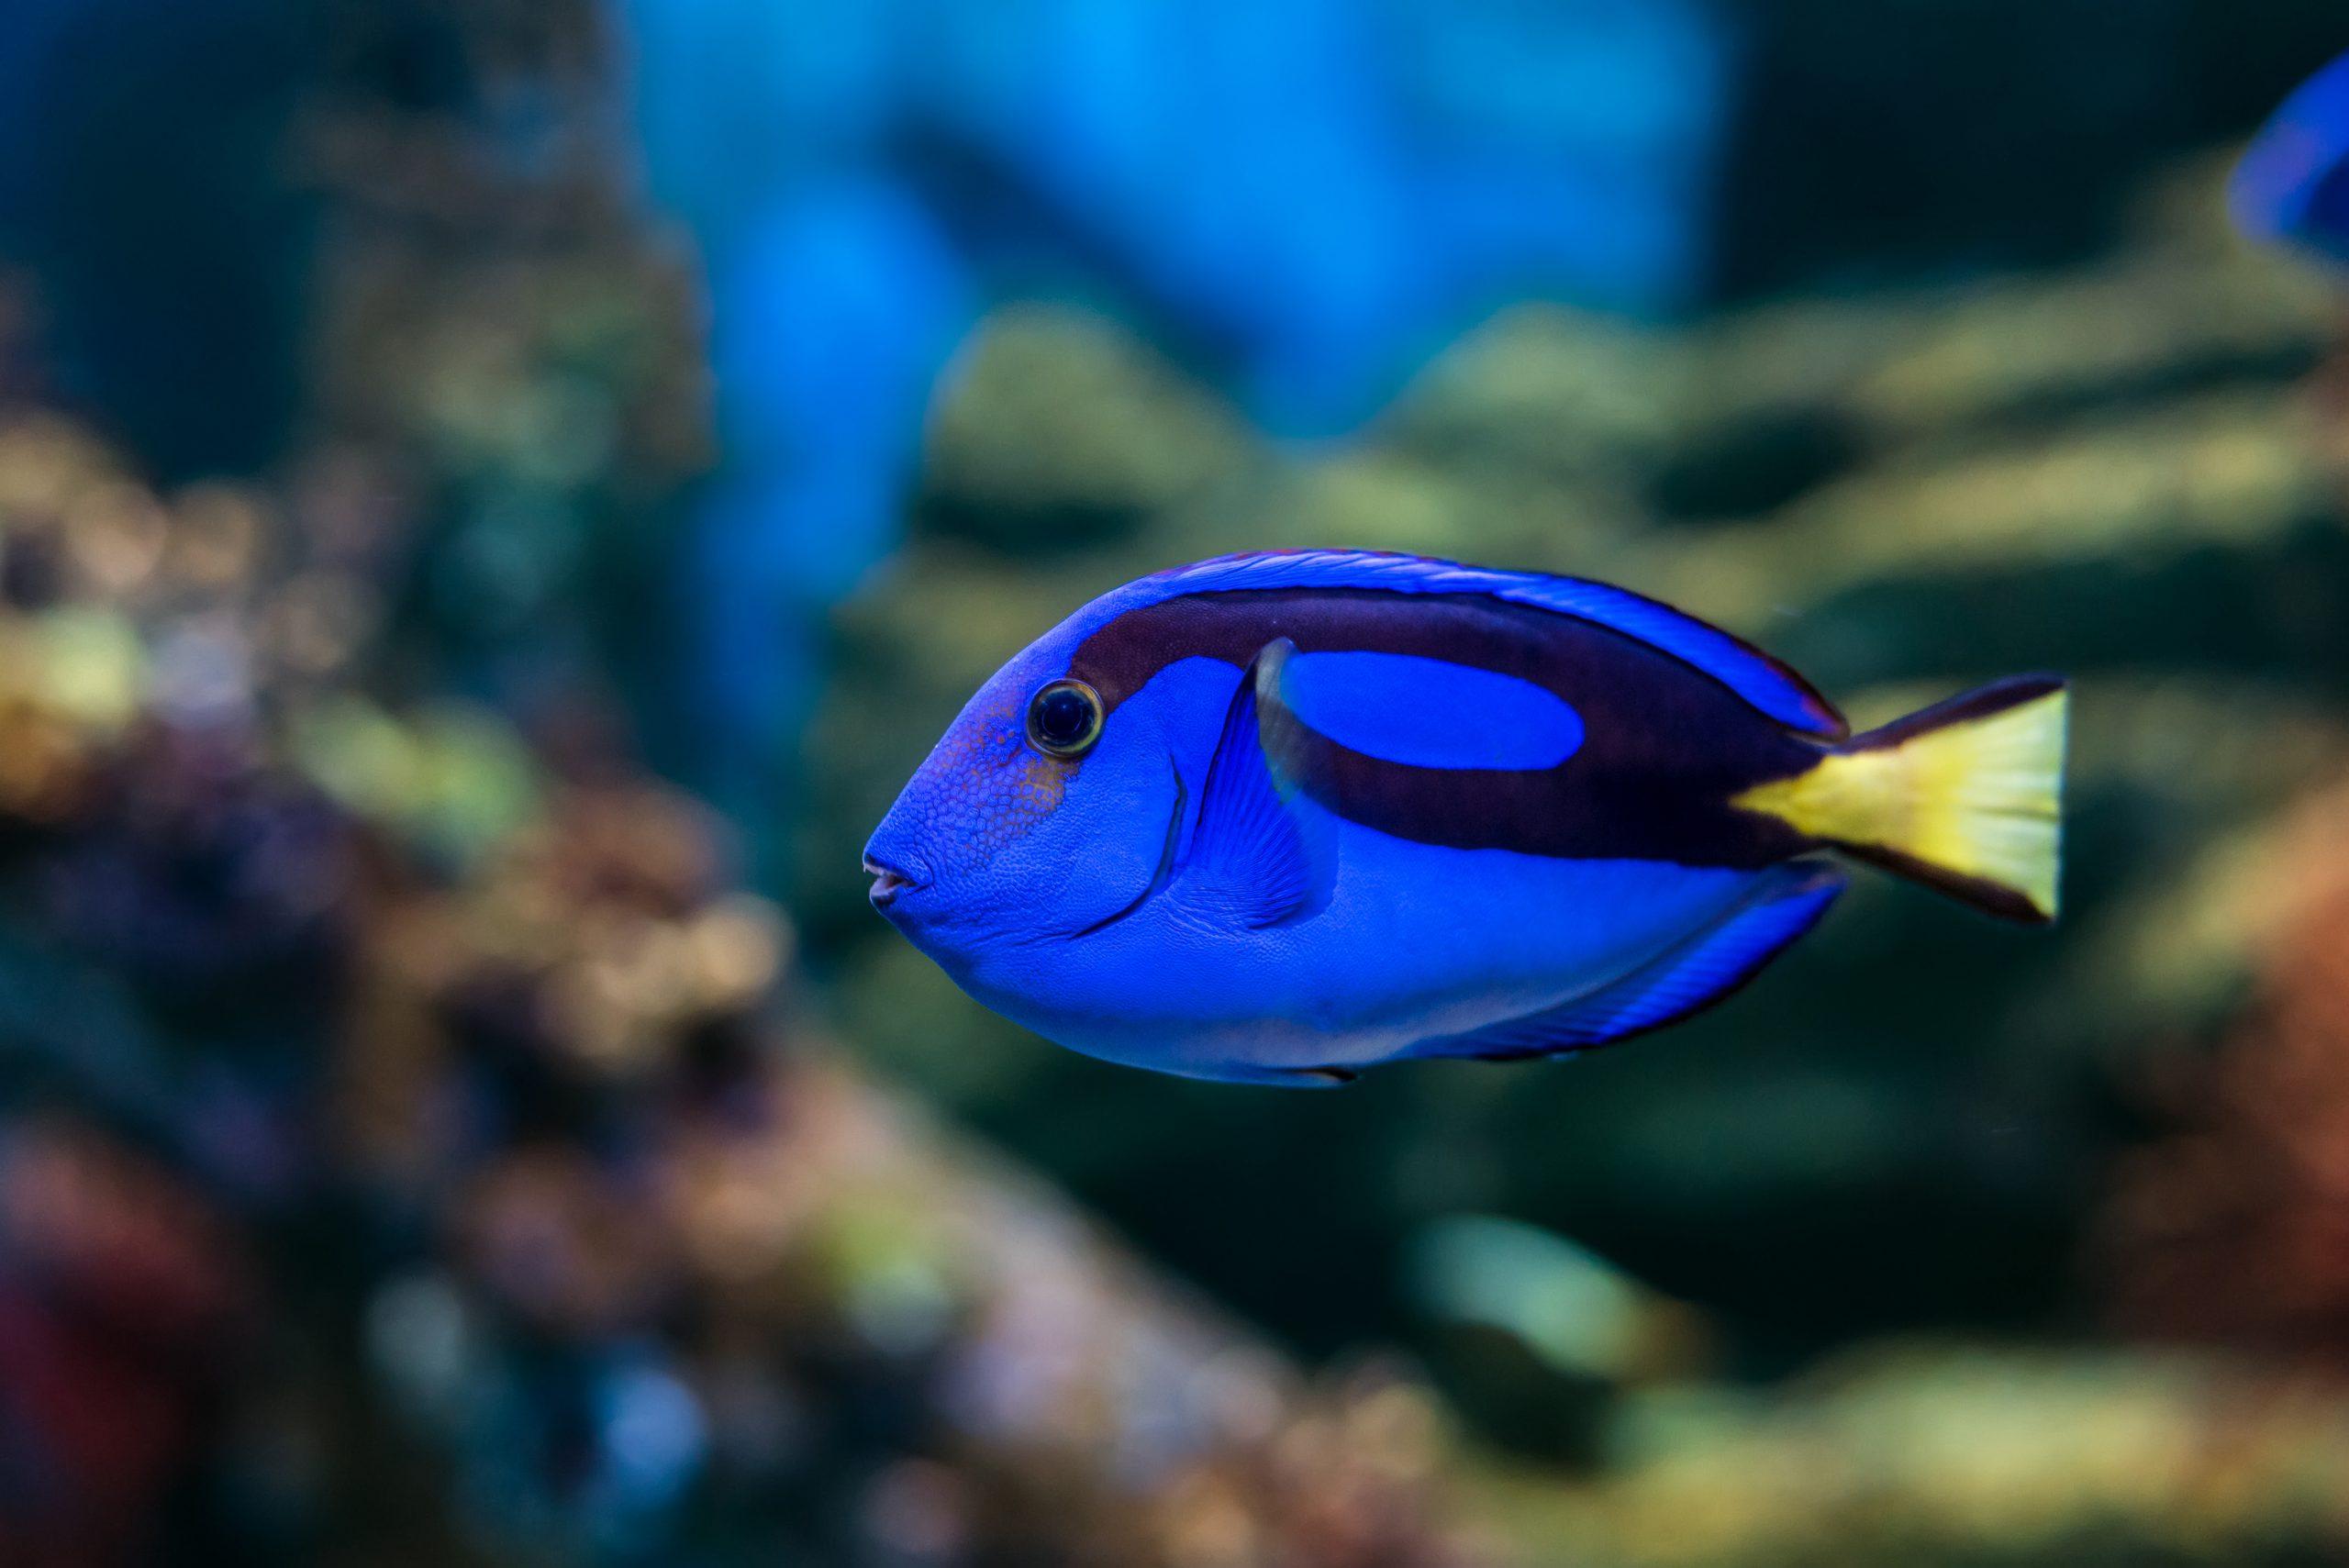 blue tang eating in the ocean